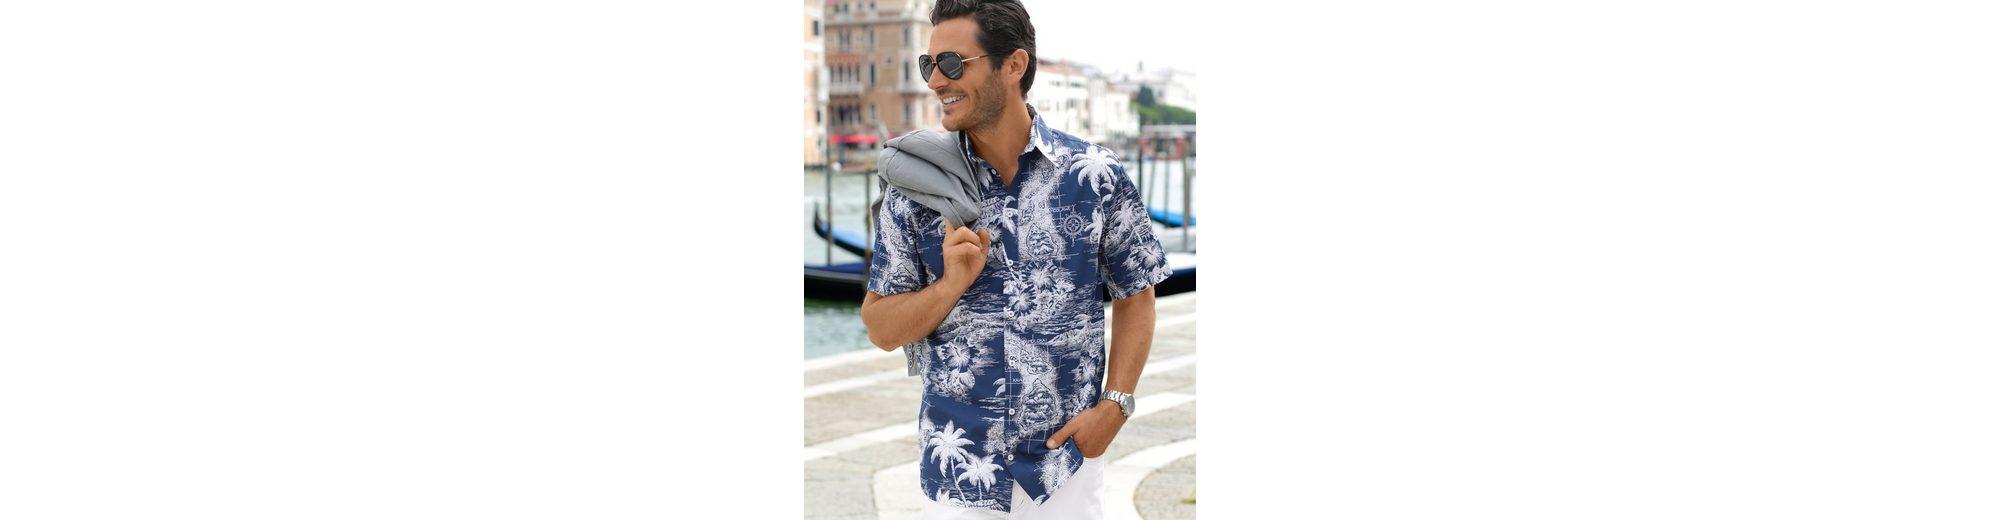 Babista Hemd mit modischem Druck Billig Verkaufen Pick Eine Beste Am Billigsten Günstige Verkaufspreise Freies Verschiffen Versorgung MDfNzT